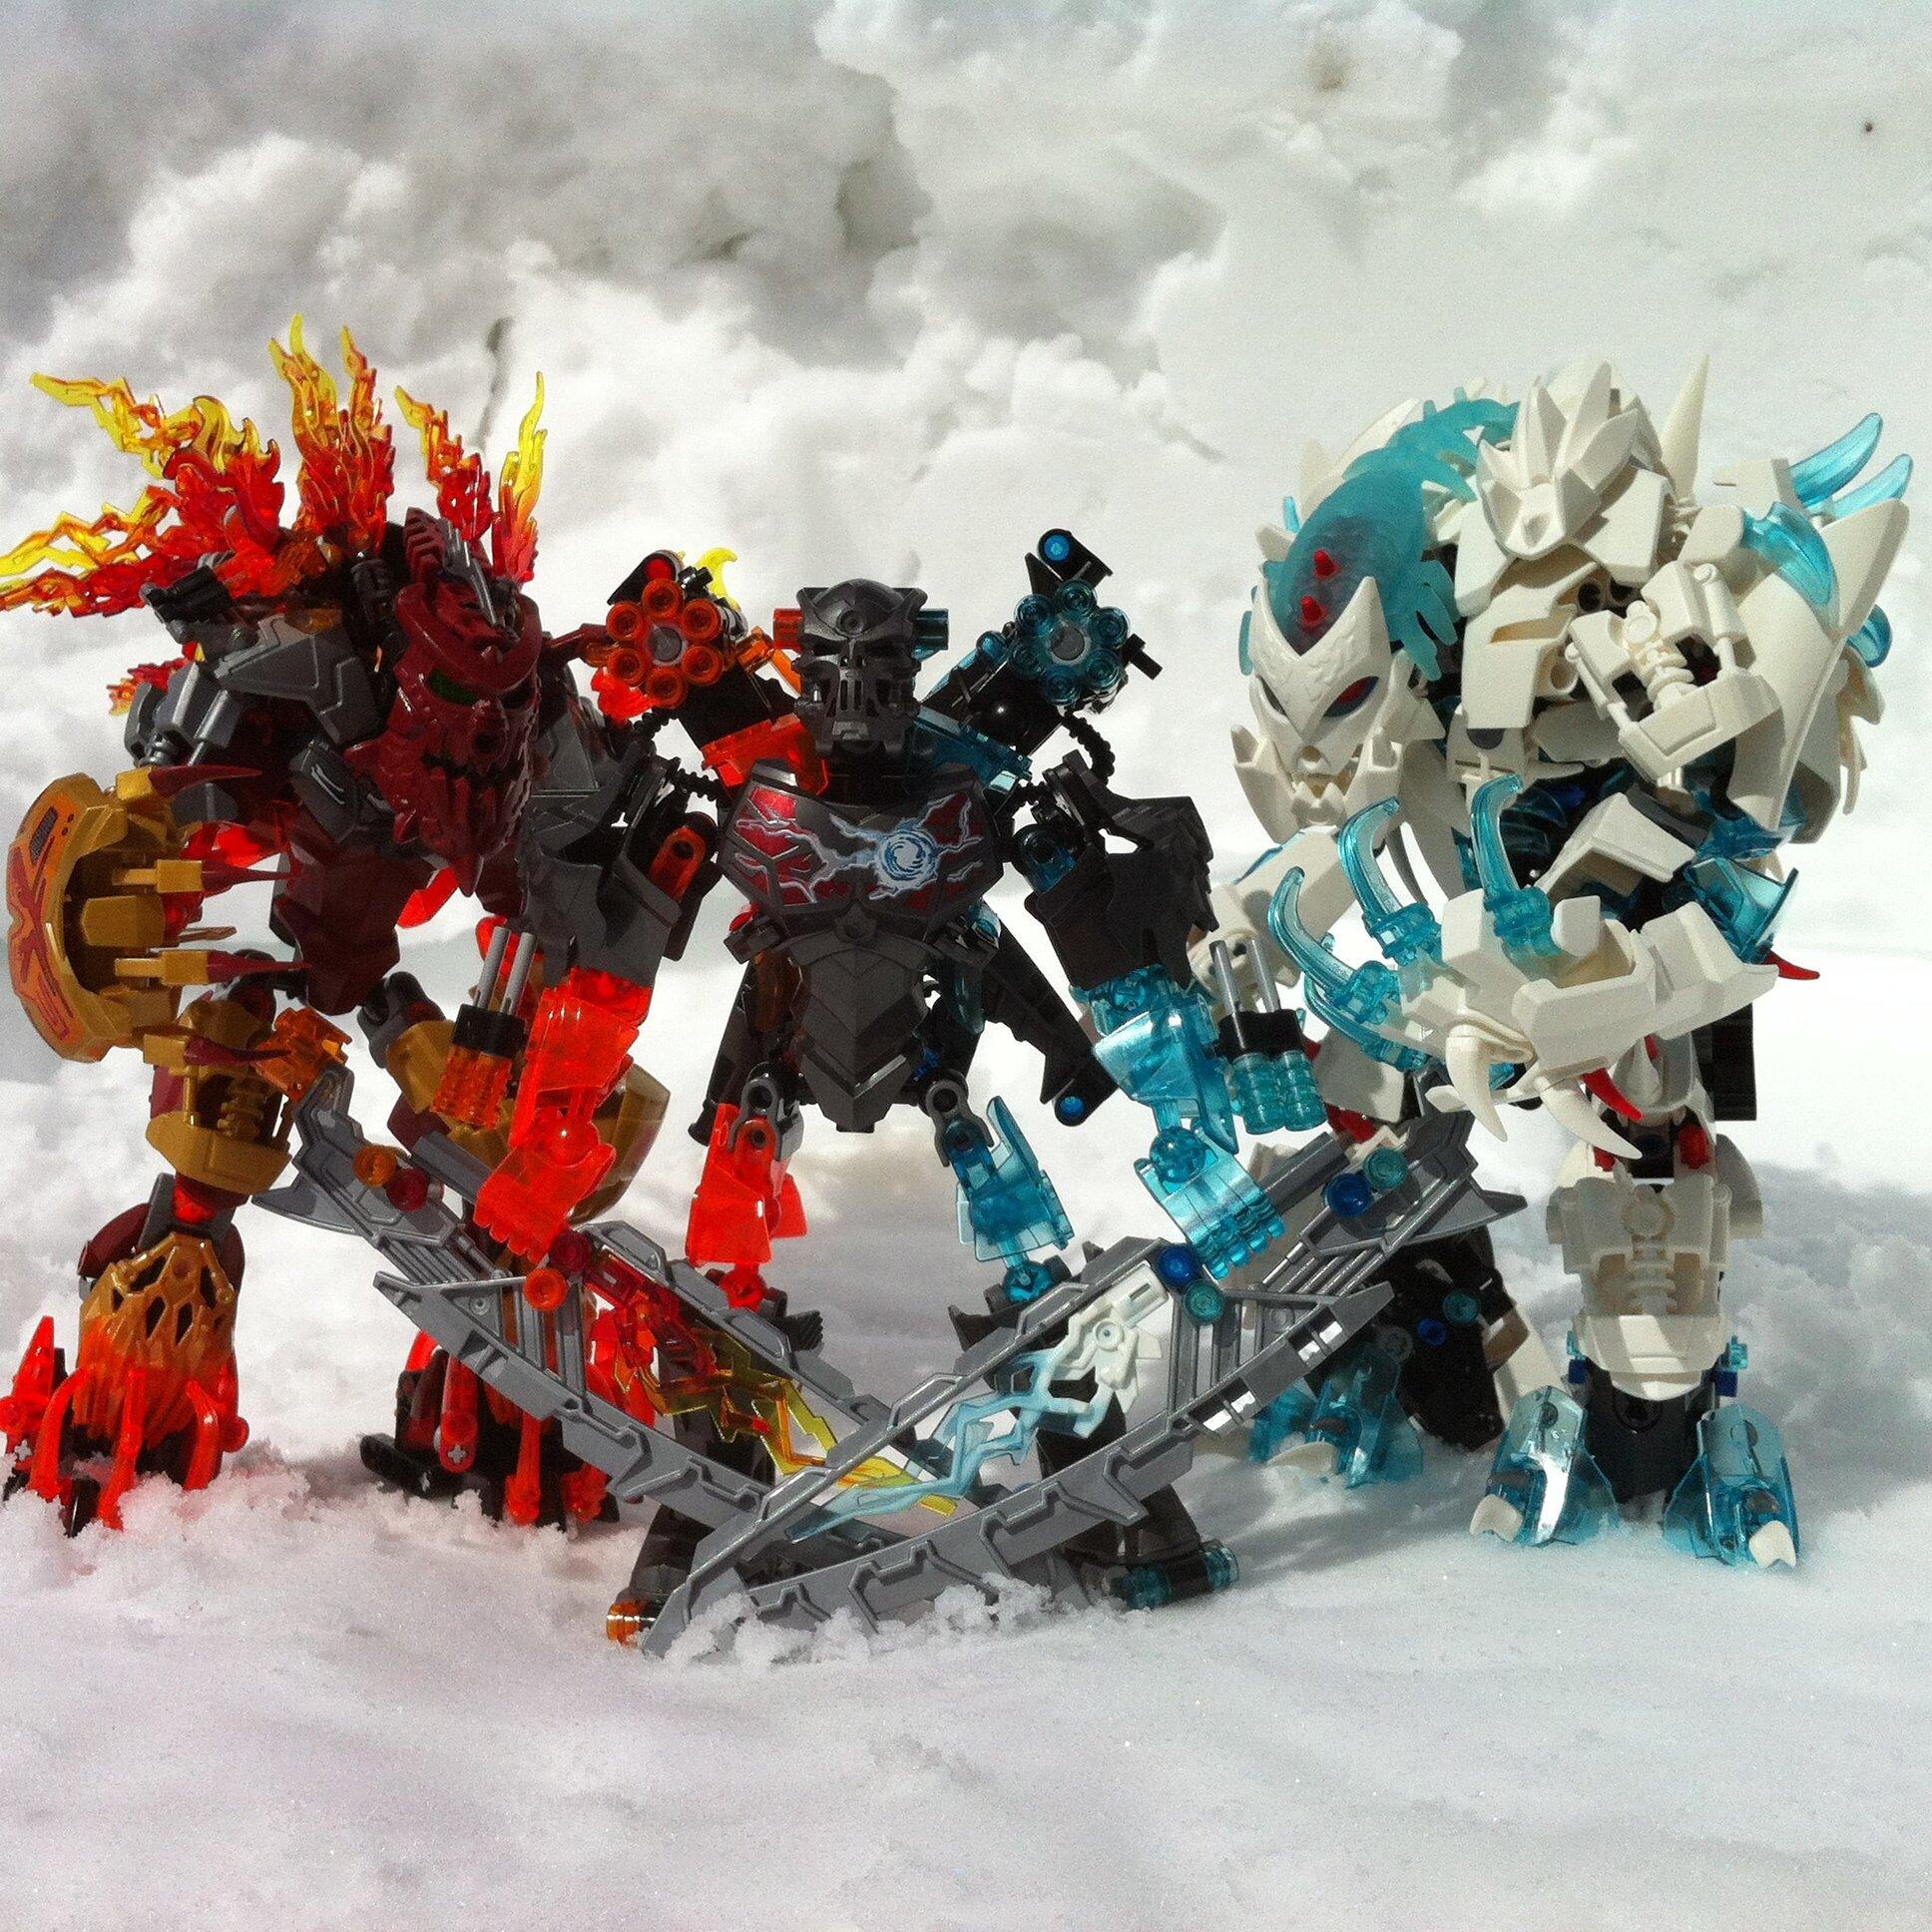 Warriors Fire And Ice Episode 4: Kragar, The Hybrid Elemental Warrior